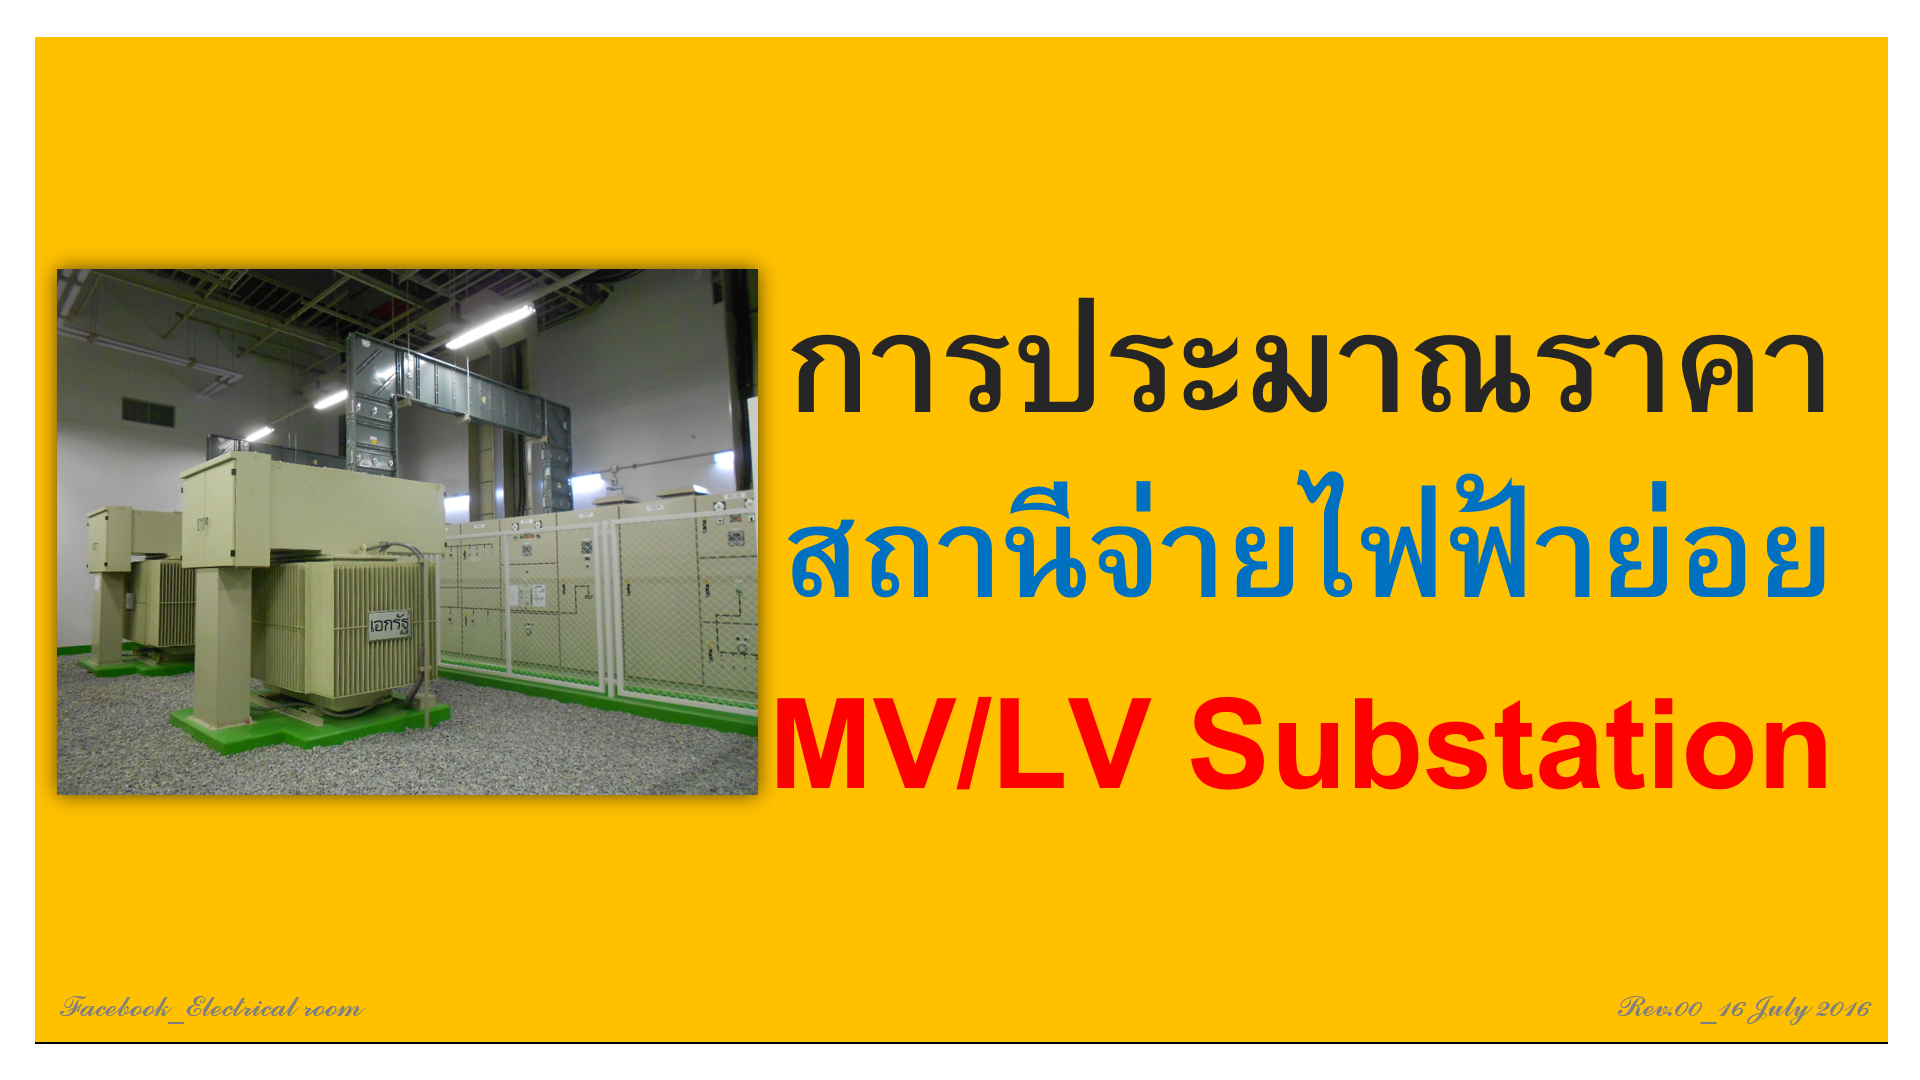 4. Substation